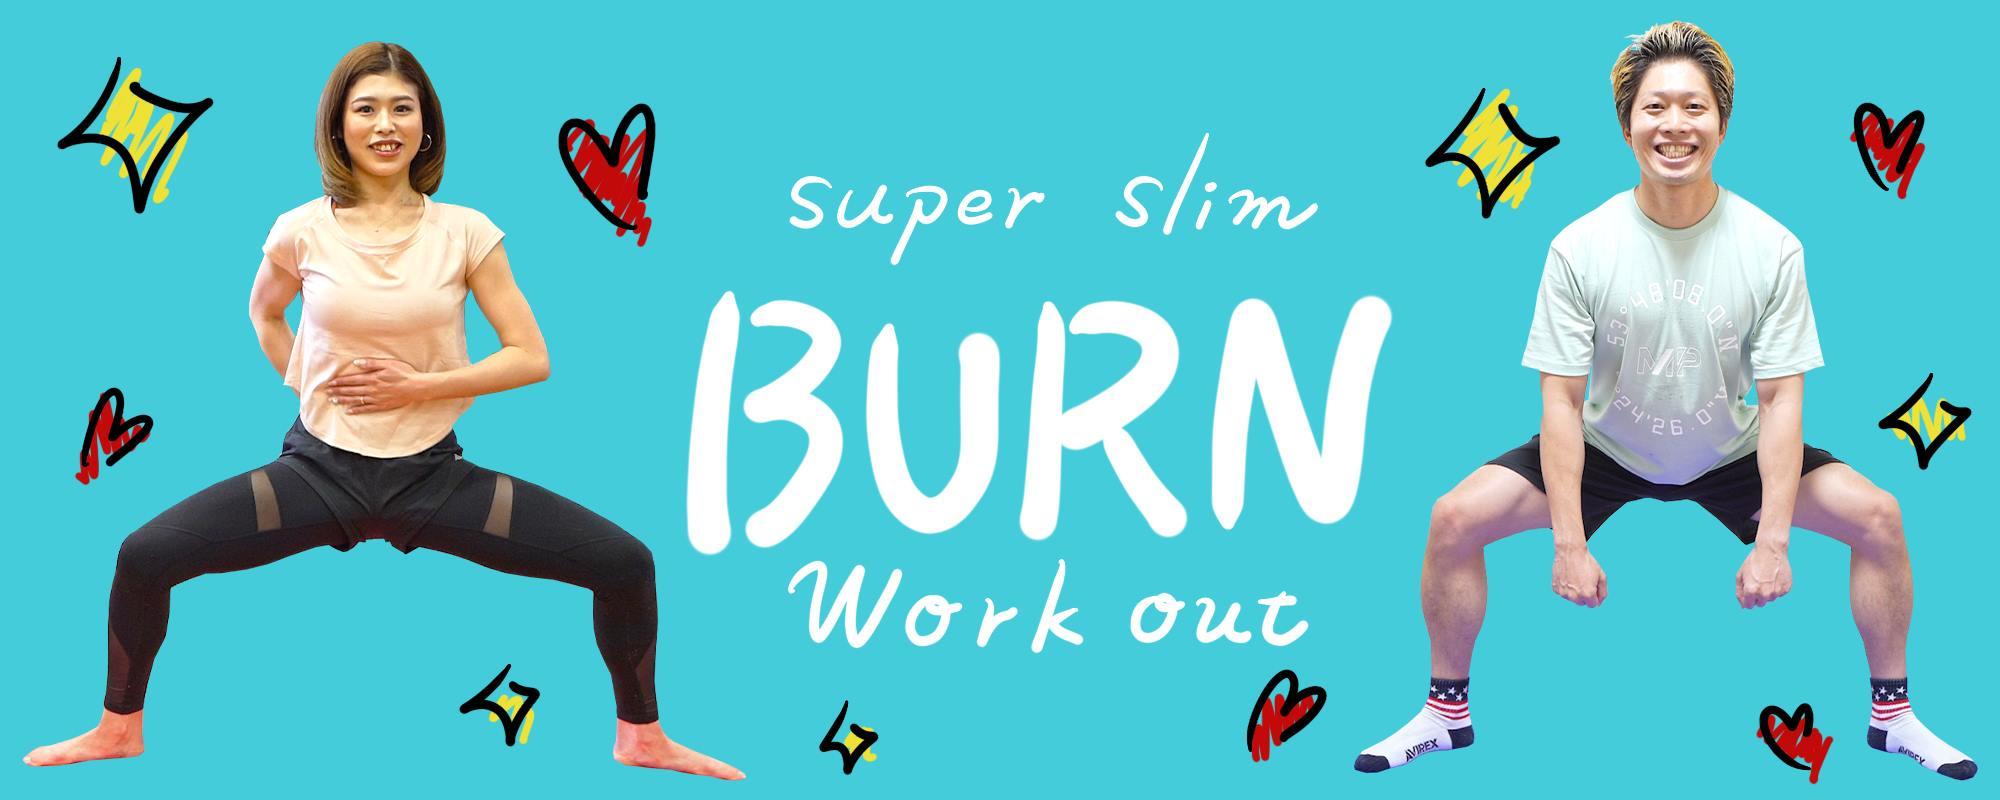 Fat burn 4 weeks program